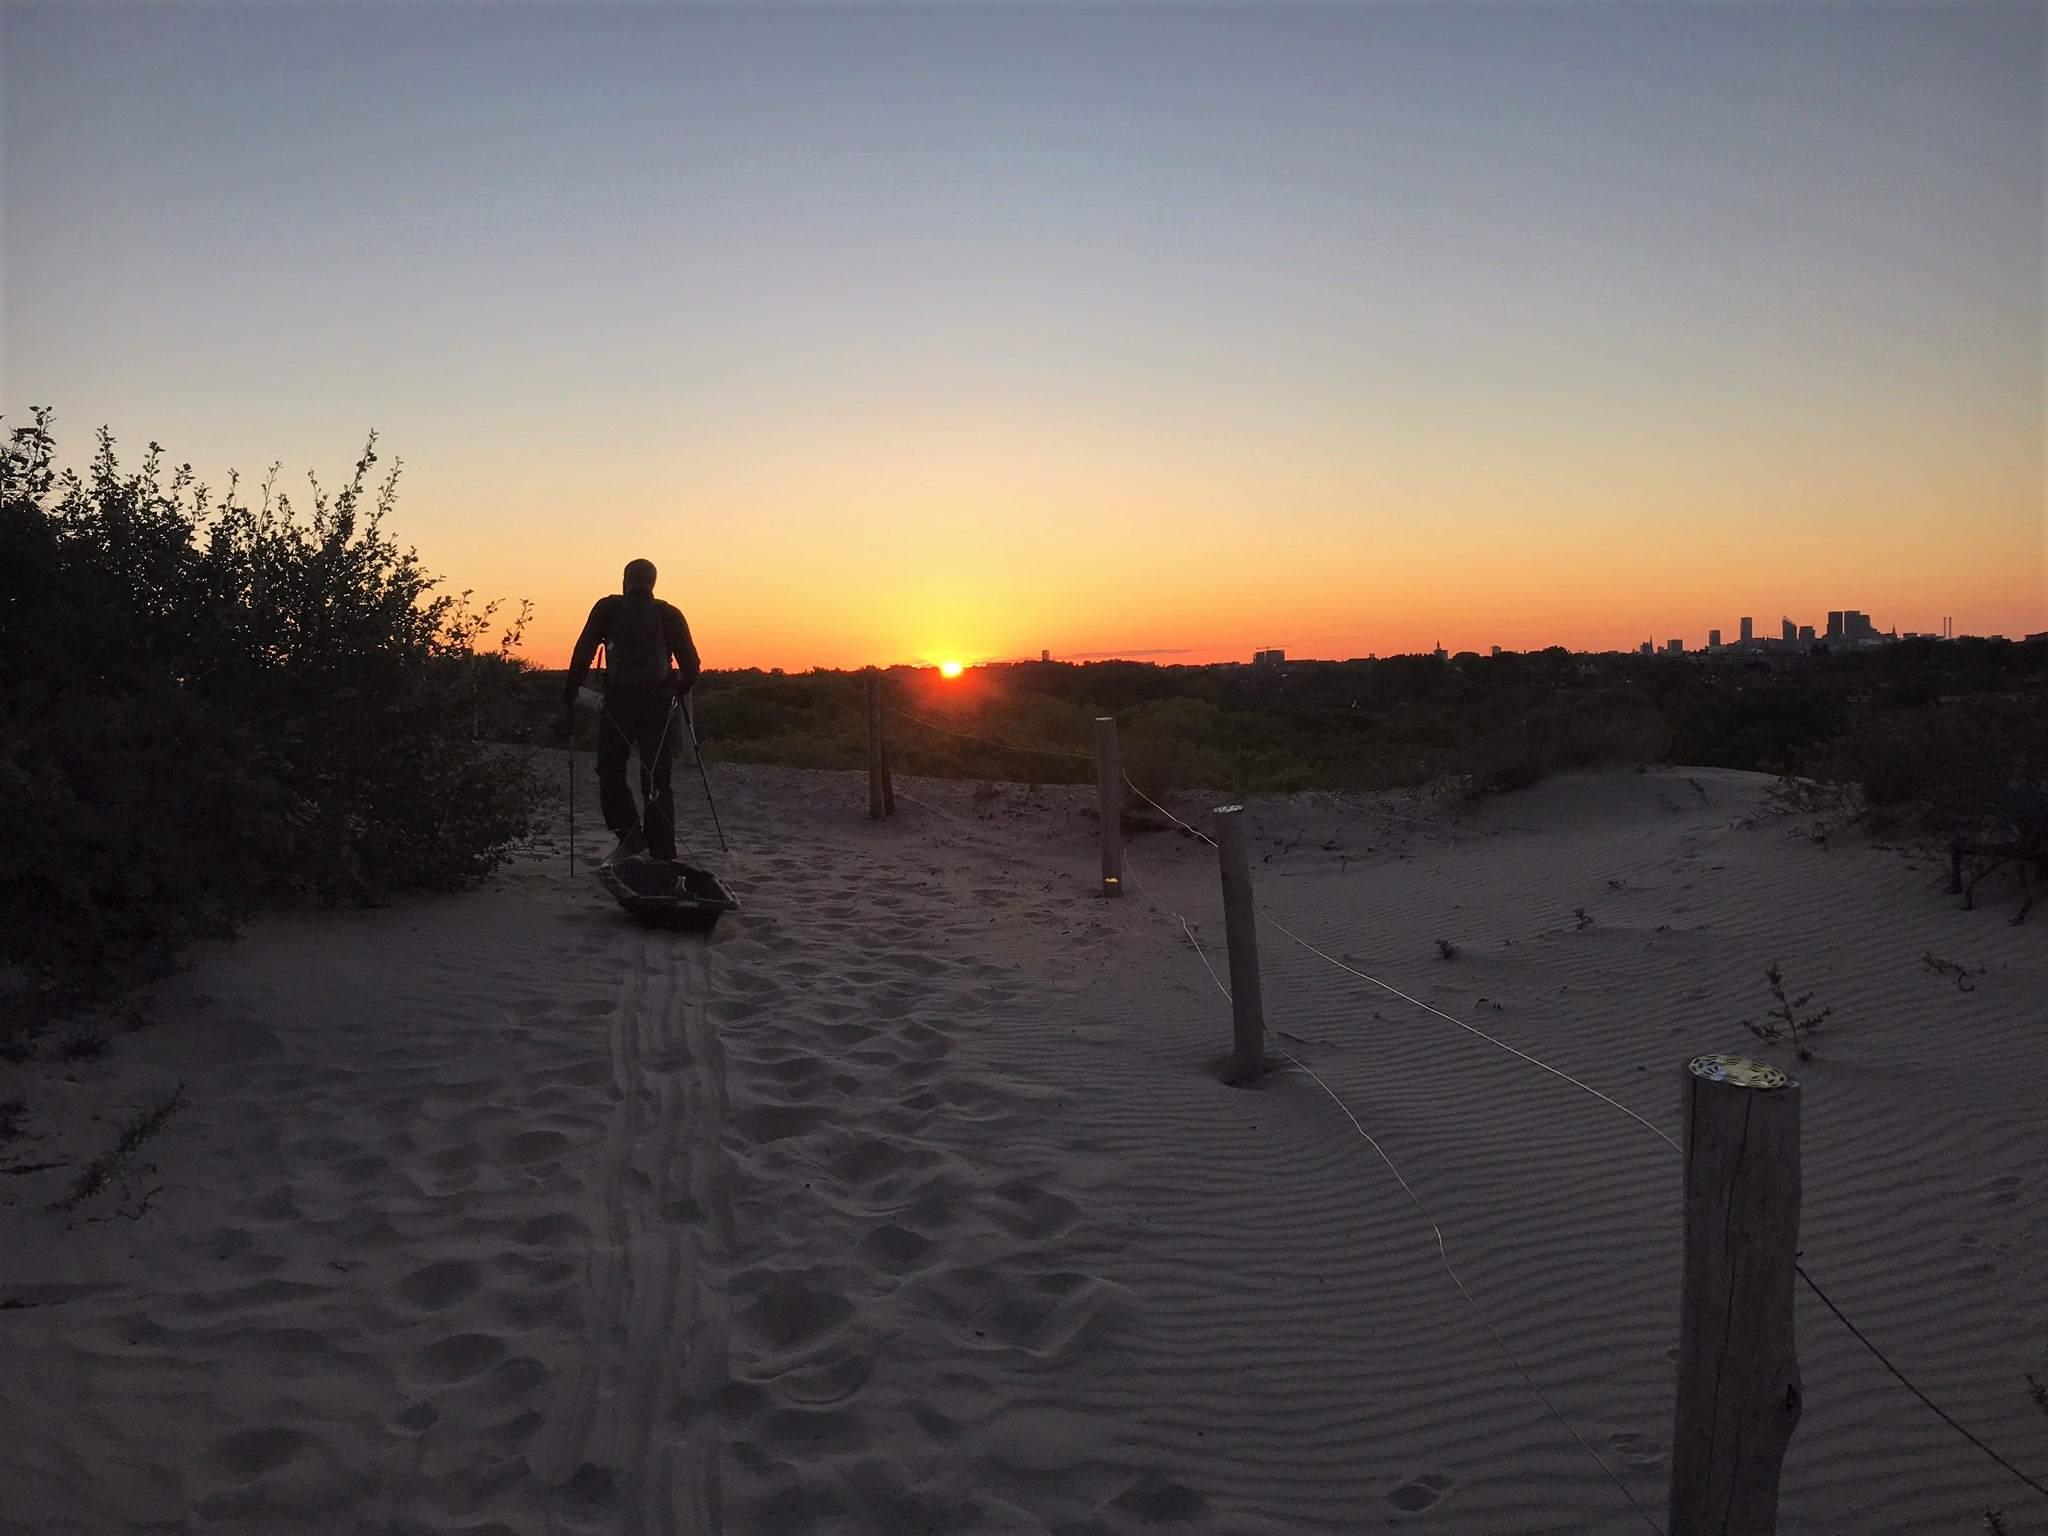 Sunrise PULLKA